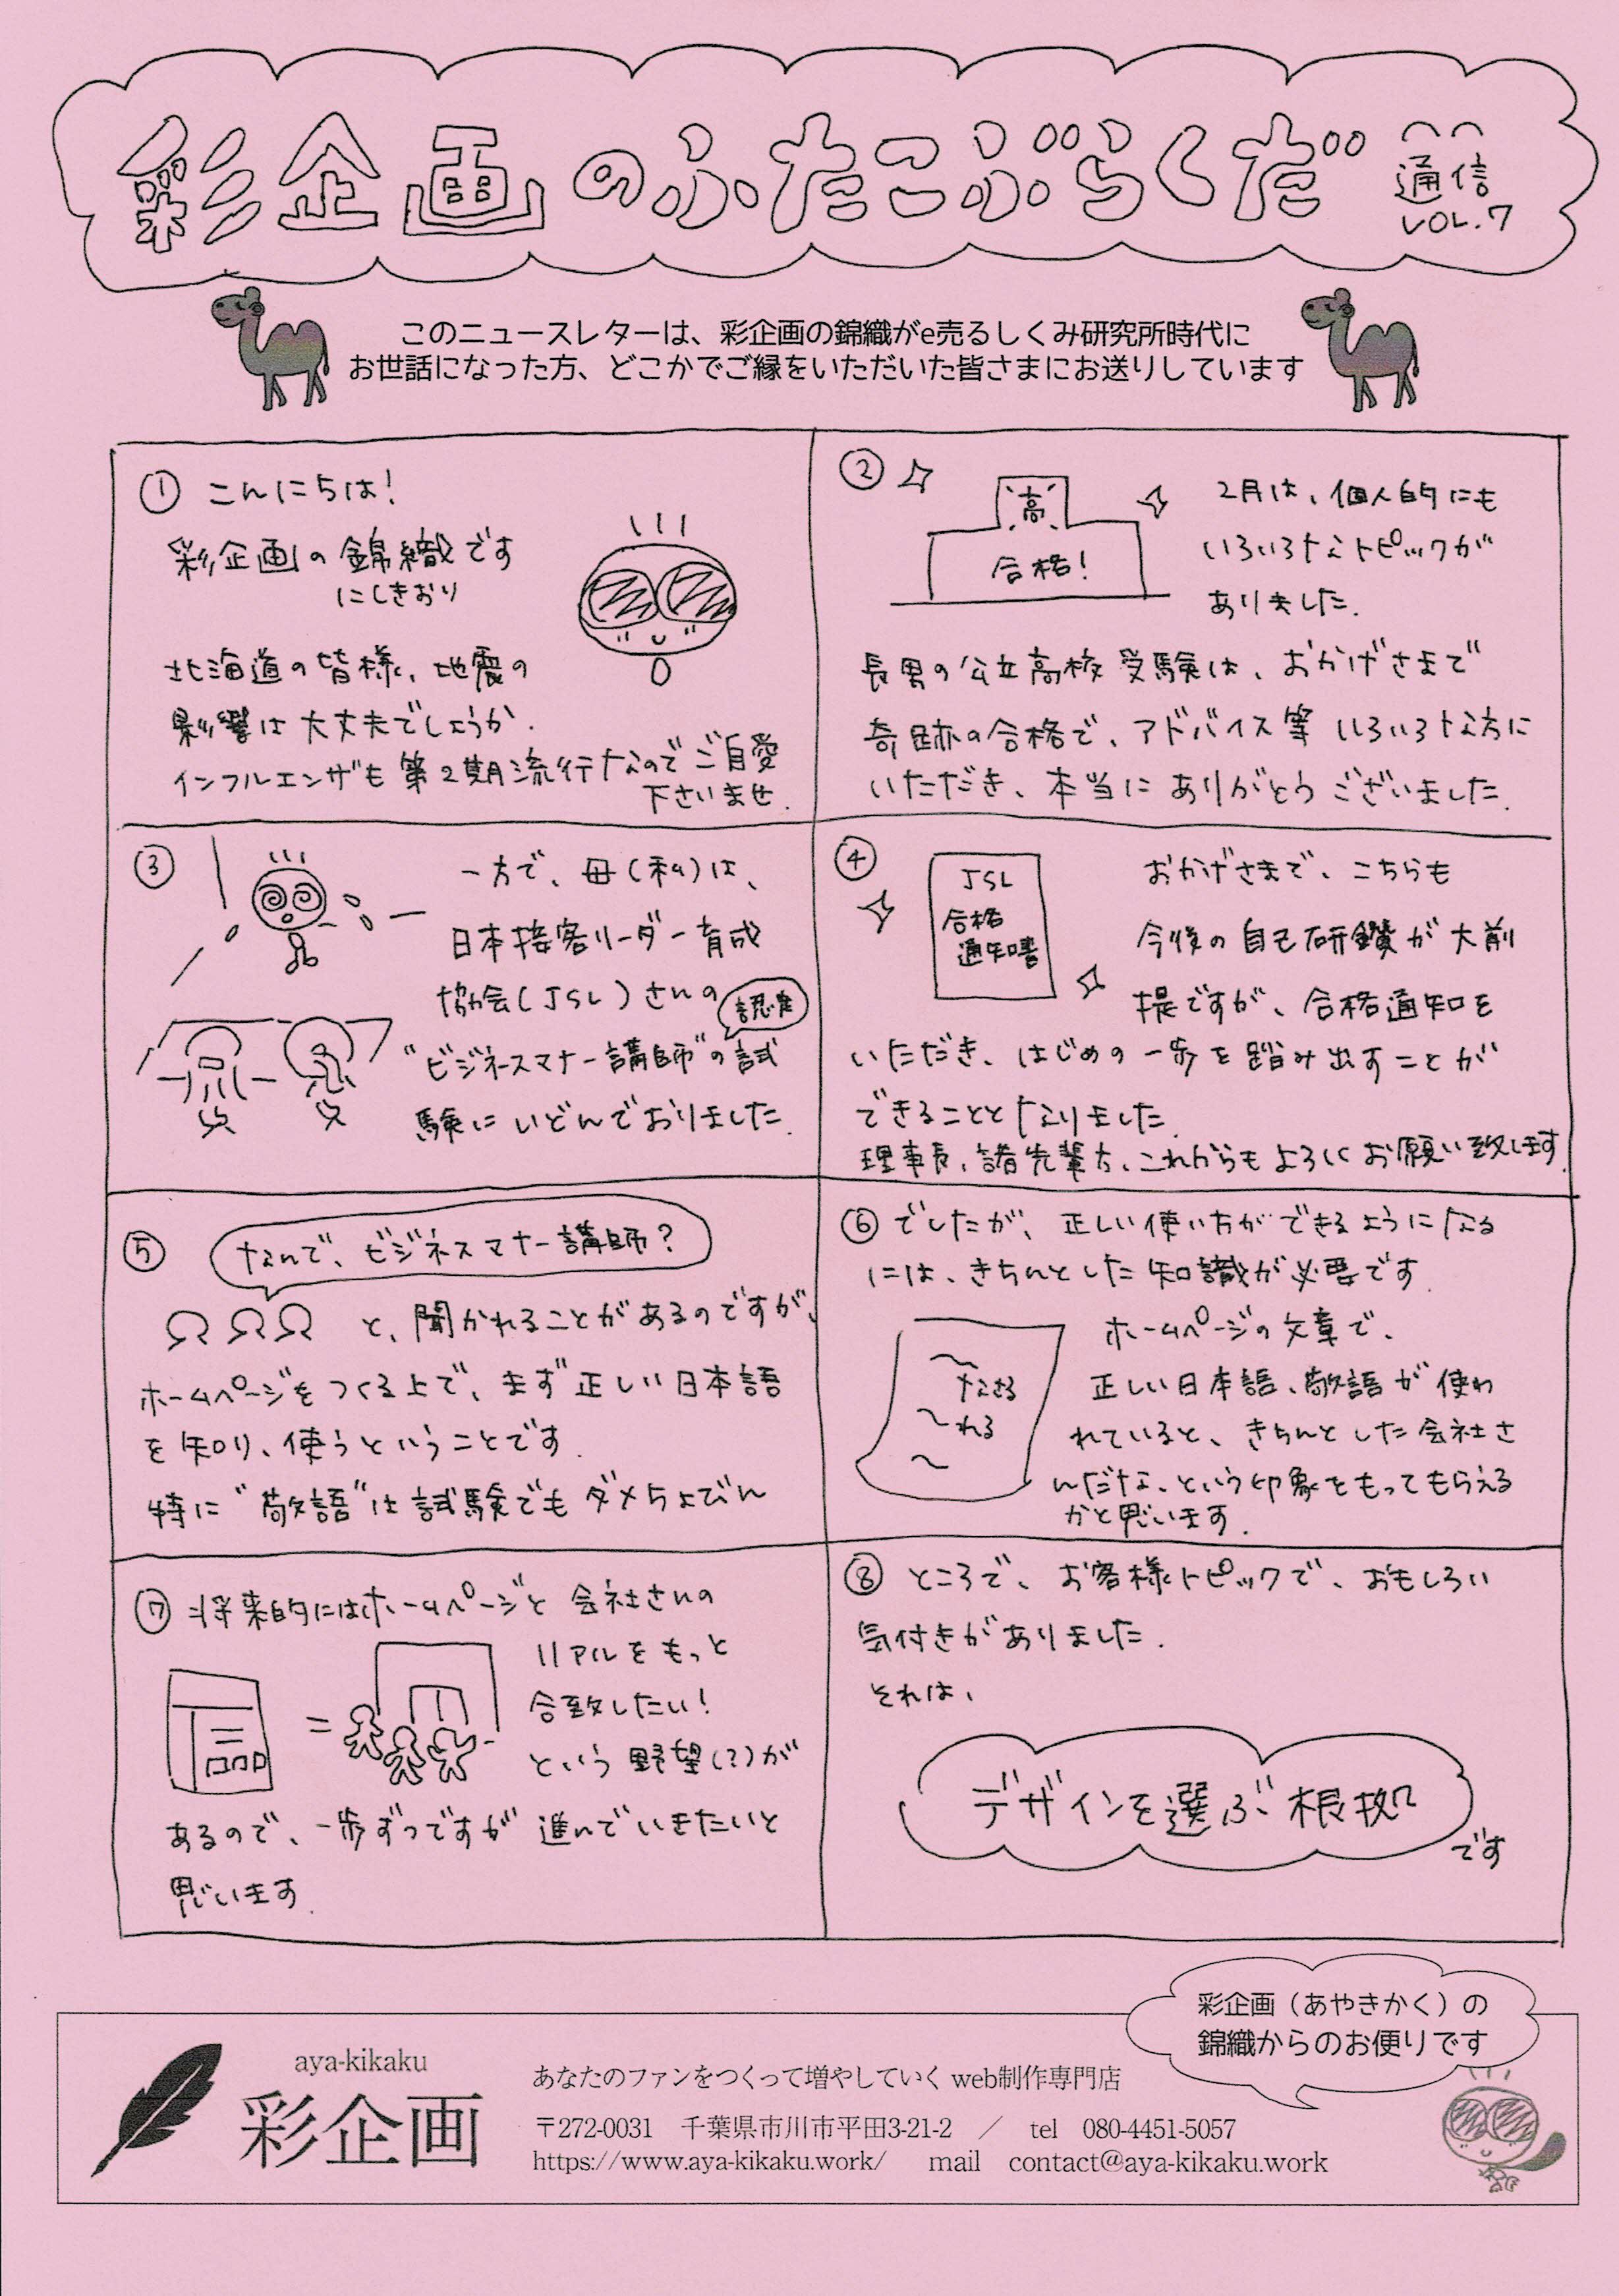 ニュースレター「ふたこぶらくだ通信」 2019年2月号